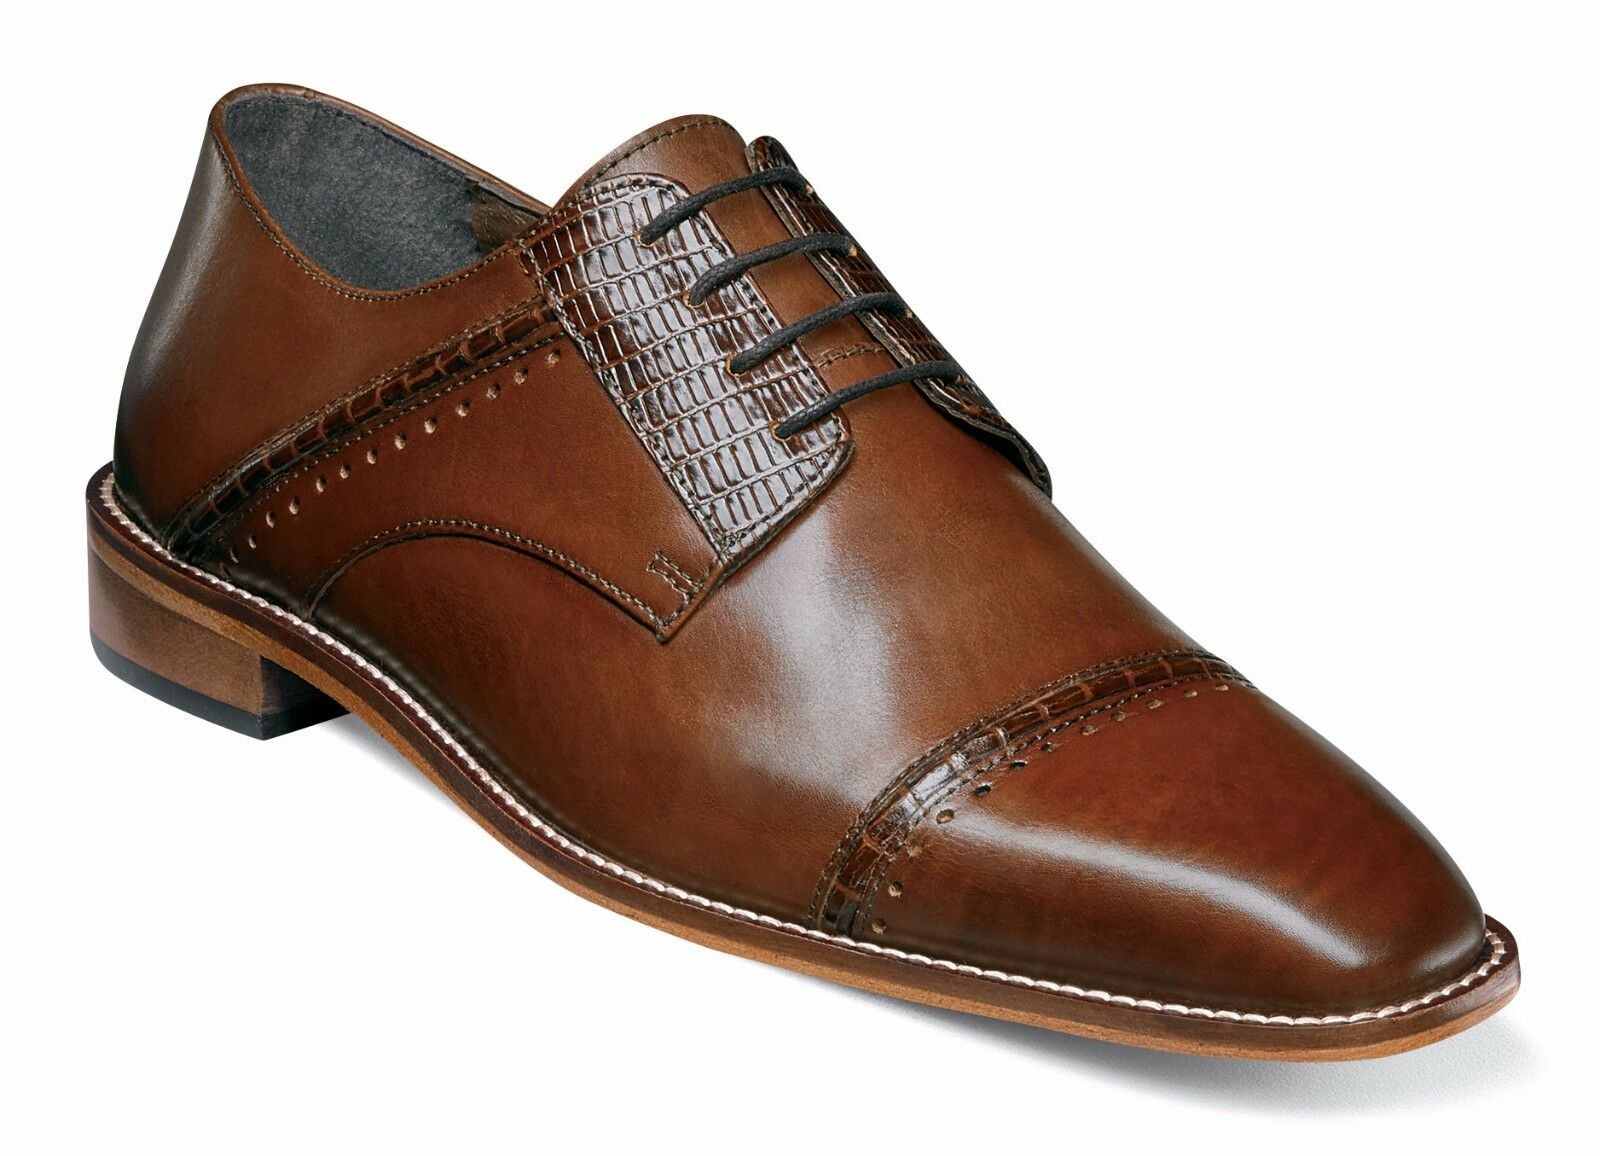 Stacy Adams Hombre Coñac Ryland Gorra Punta Oxford Zapatos con Cordones